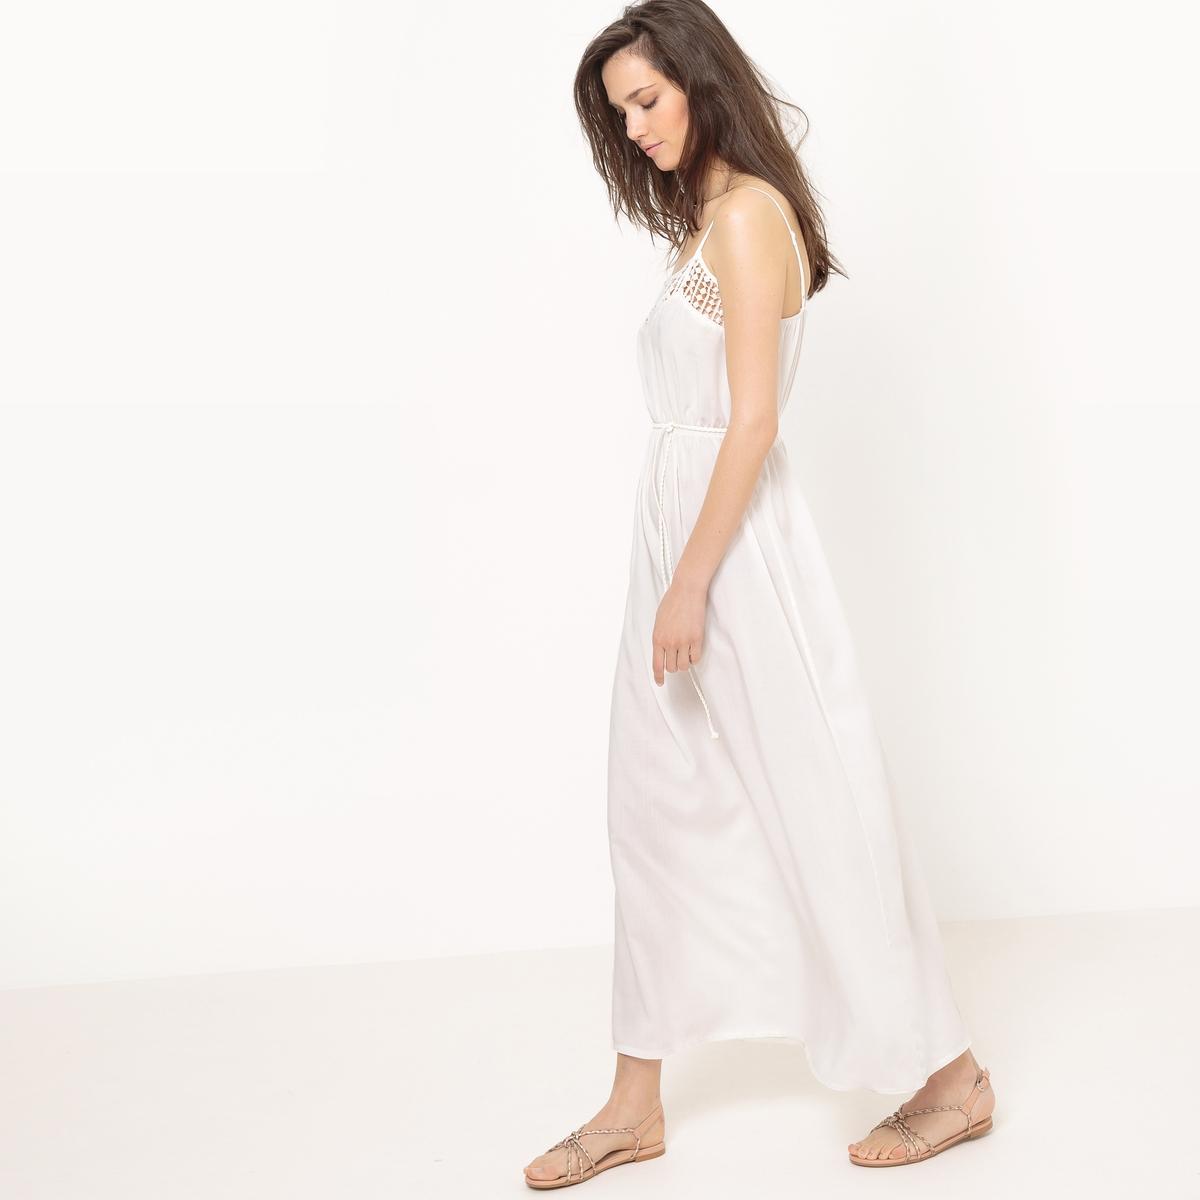 Платье длинное с тонкими бретелями и вышивкойДетали   •  Форма : МАКСИ •  Длинное • Тонкие бретели     •   V-образный вырез Состав и уход  •  100% вискоза  •  Просьба следовать советам по уходу, указанным на этикетке изделия<br><br>Цвет: белый,черный<br>Размер: L/XL